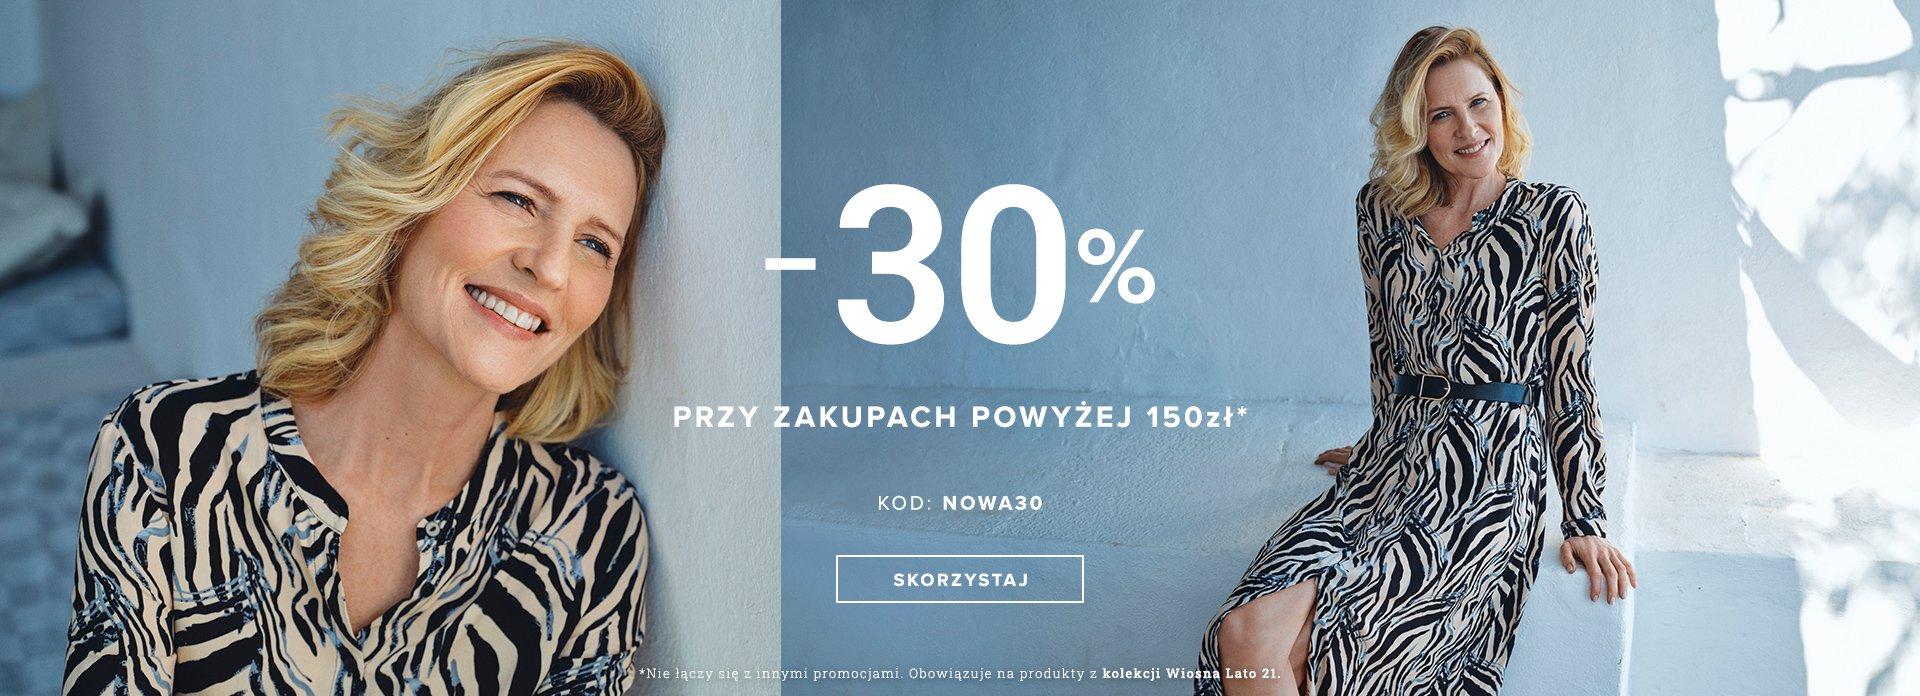 Greenpoint: 30% rabatu na odzież damską przy zakupach powyżej 150 zł